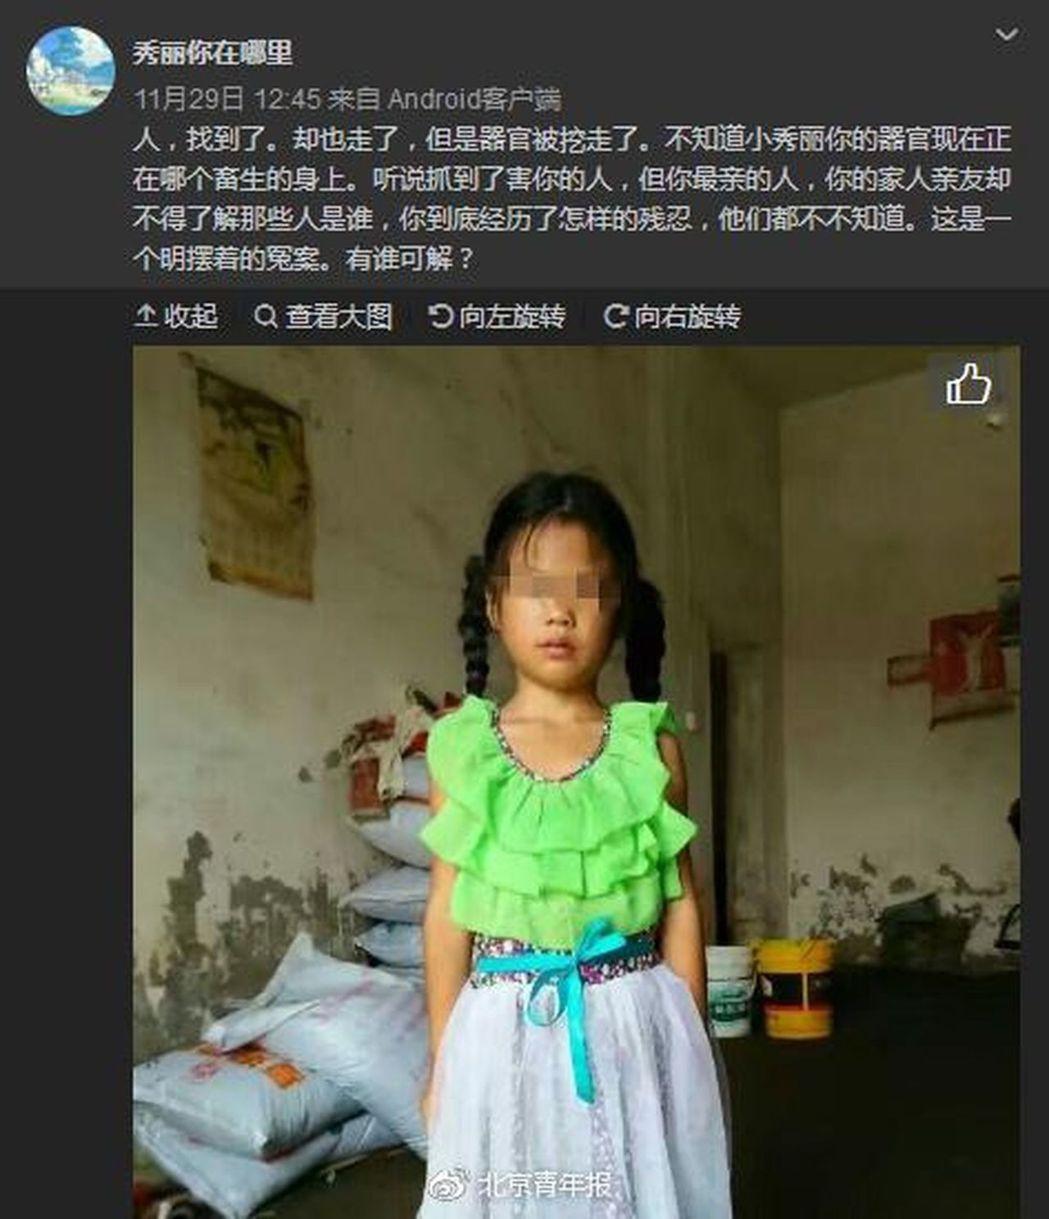 司機撞傷女童怕擔責任將其殺害,孩子器官疑被挖走。取材自微博